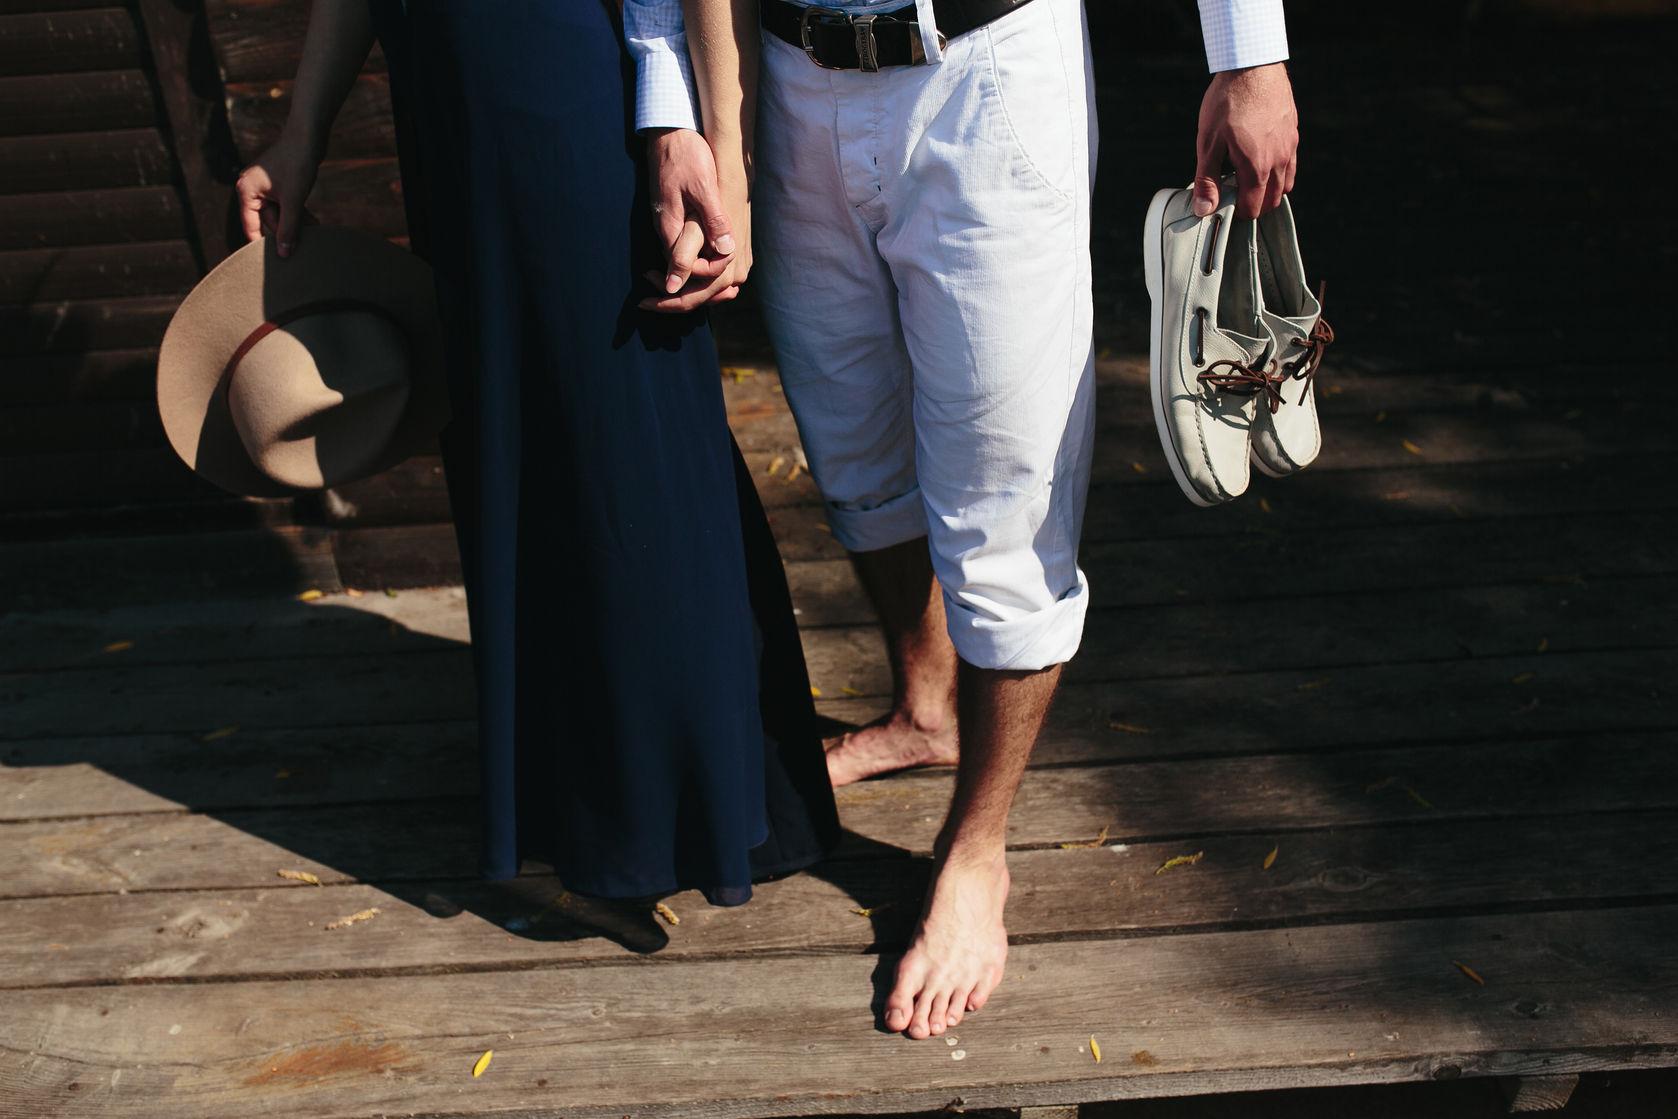 Silber Barfußeinlagen verhinder Fußgeruch und verbessern das Tragegefühl